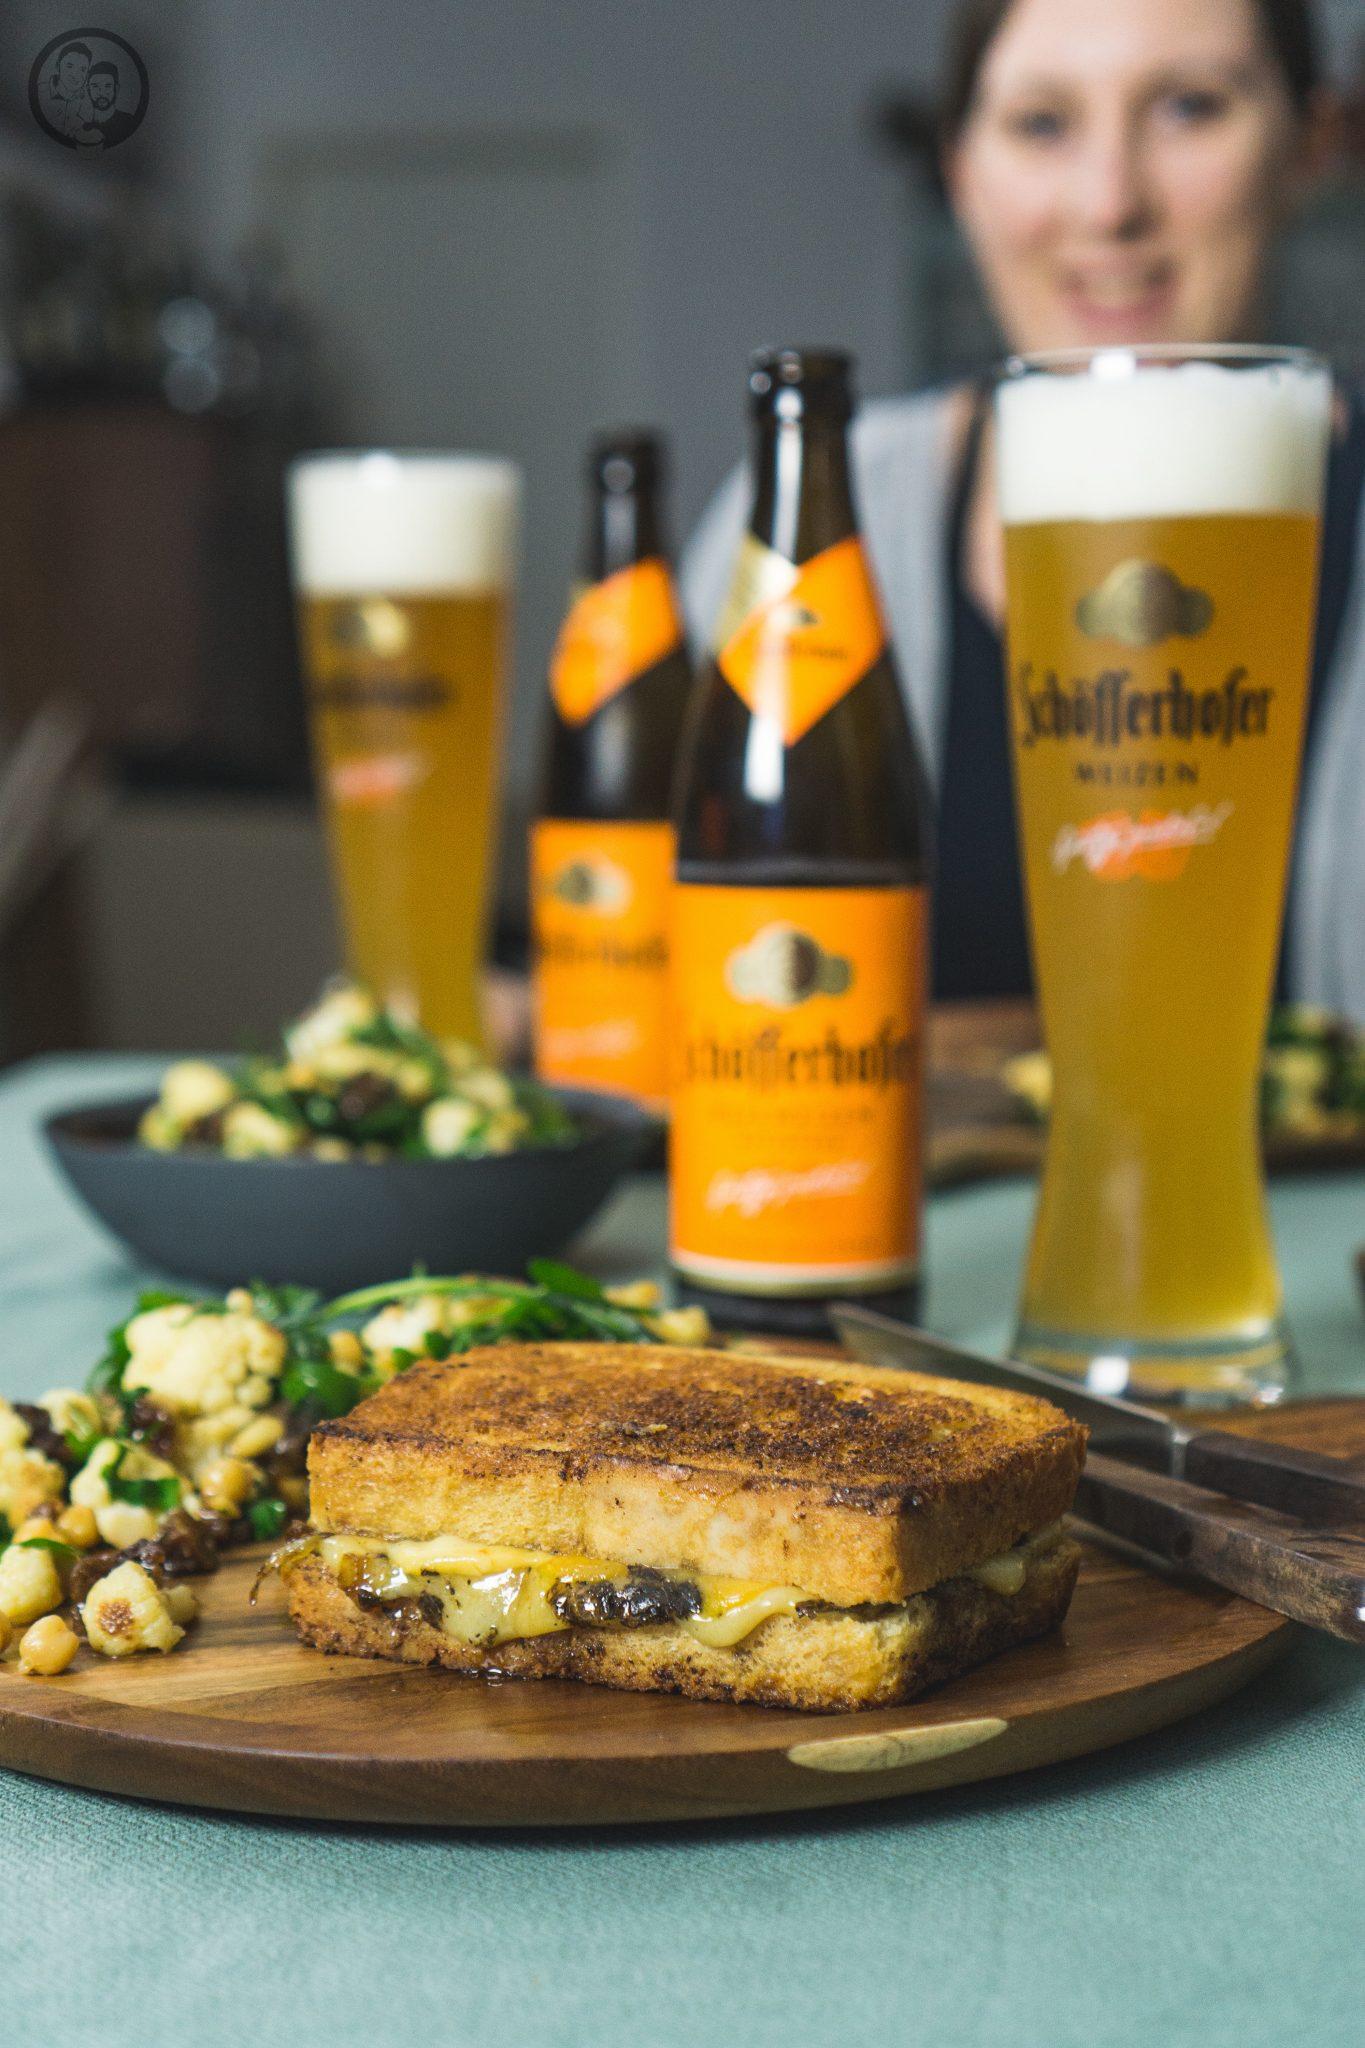 mW Grilled Cheese 6 | Heute haben wir das perfekte Feierabendrezept für euch im Gepäck. Gemeinsam mit Schöfferhofer feiern wir die Abendstunden des Tages, wenn die Sonne dabei ist, unterzugehen und der Himmel in mandaringetränkt ist. Das Wetter spielt momentan noch etwas verrückt, aber das hält uns nicht ab, euch das perfekte Sunset Dinner zu präsentieren. Wer kann schon einem Grilled Cheese Sandwich am Abend widerstehen... gepaart mit feinstem Trüffel entsteht so ein urbaner und delikater Genuss.